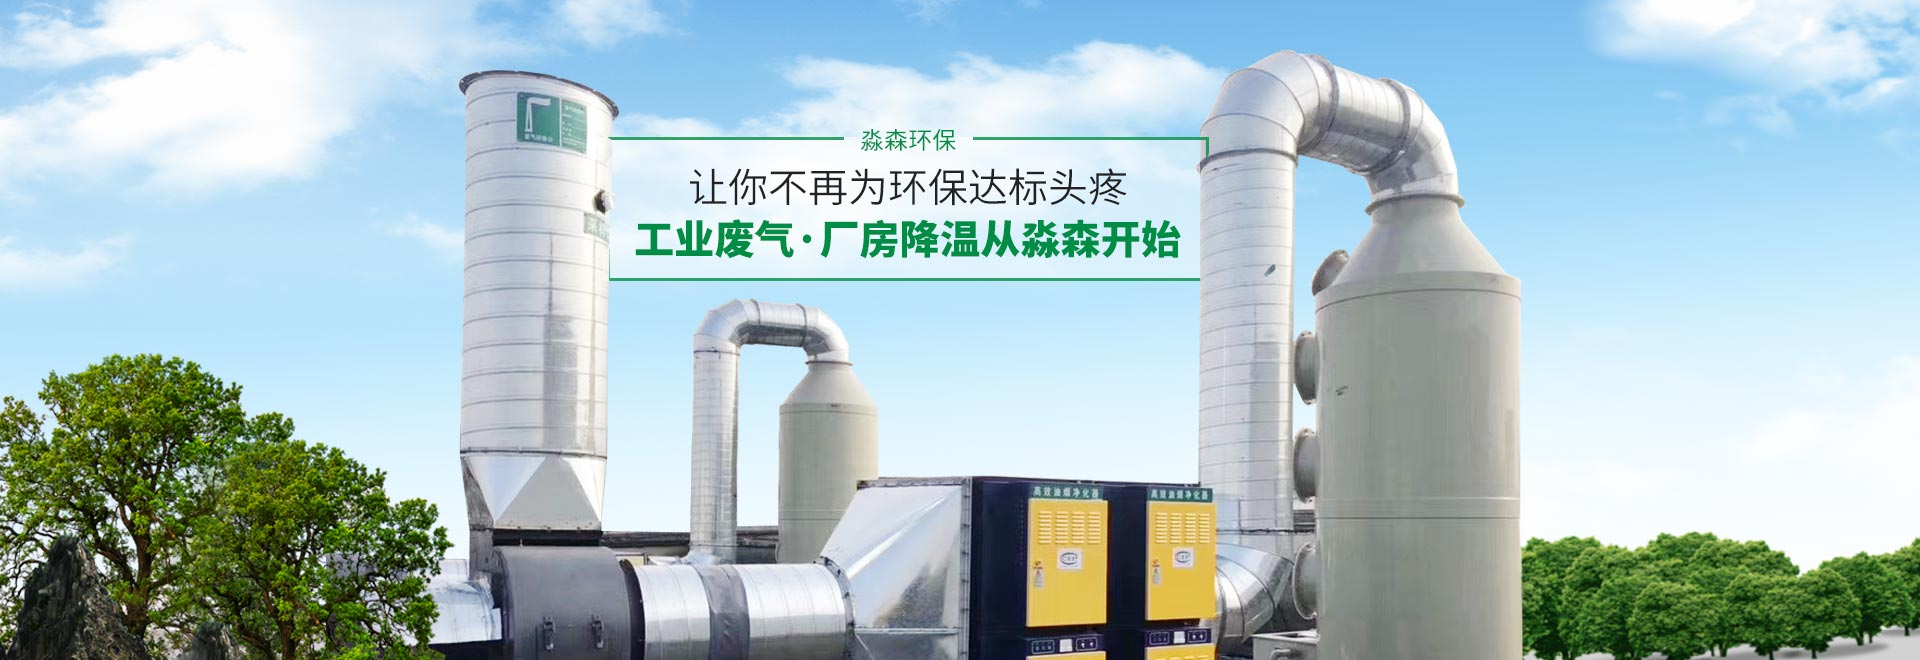 工业废气/厂房降温  从淼森环保开始